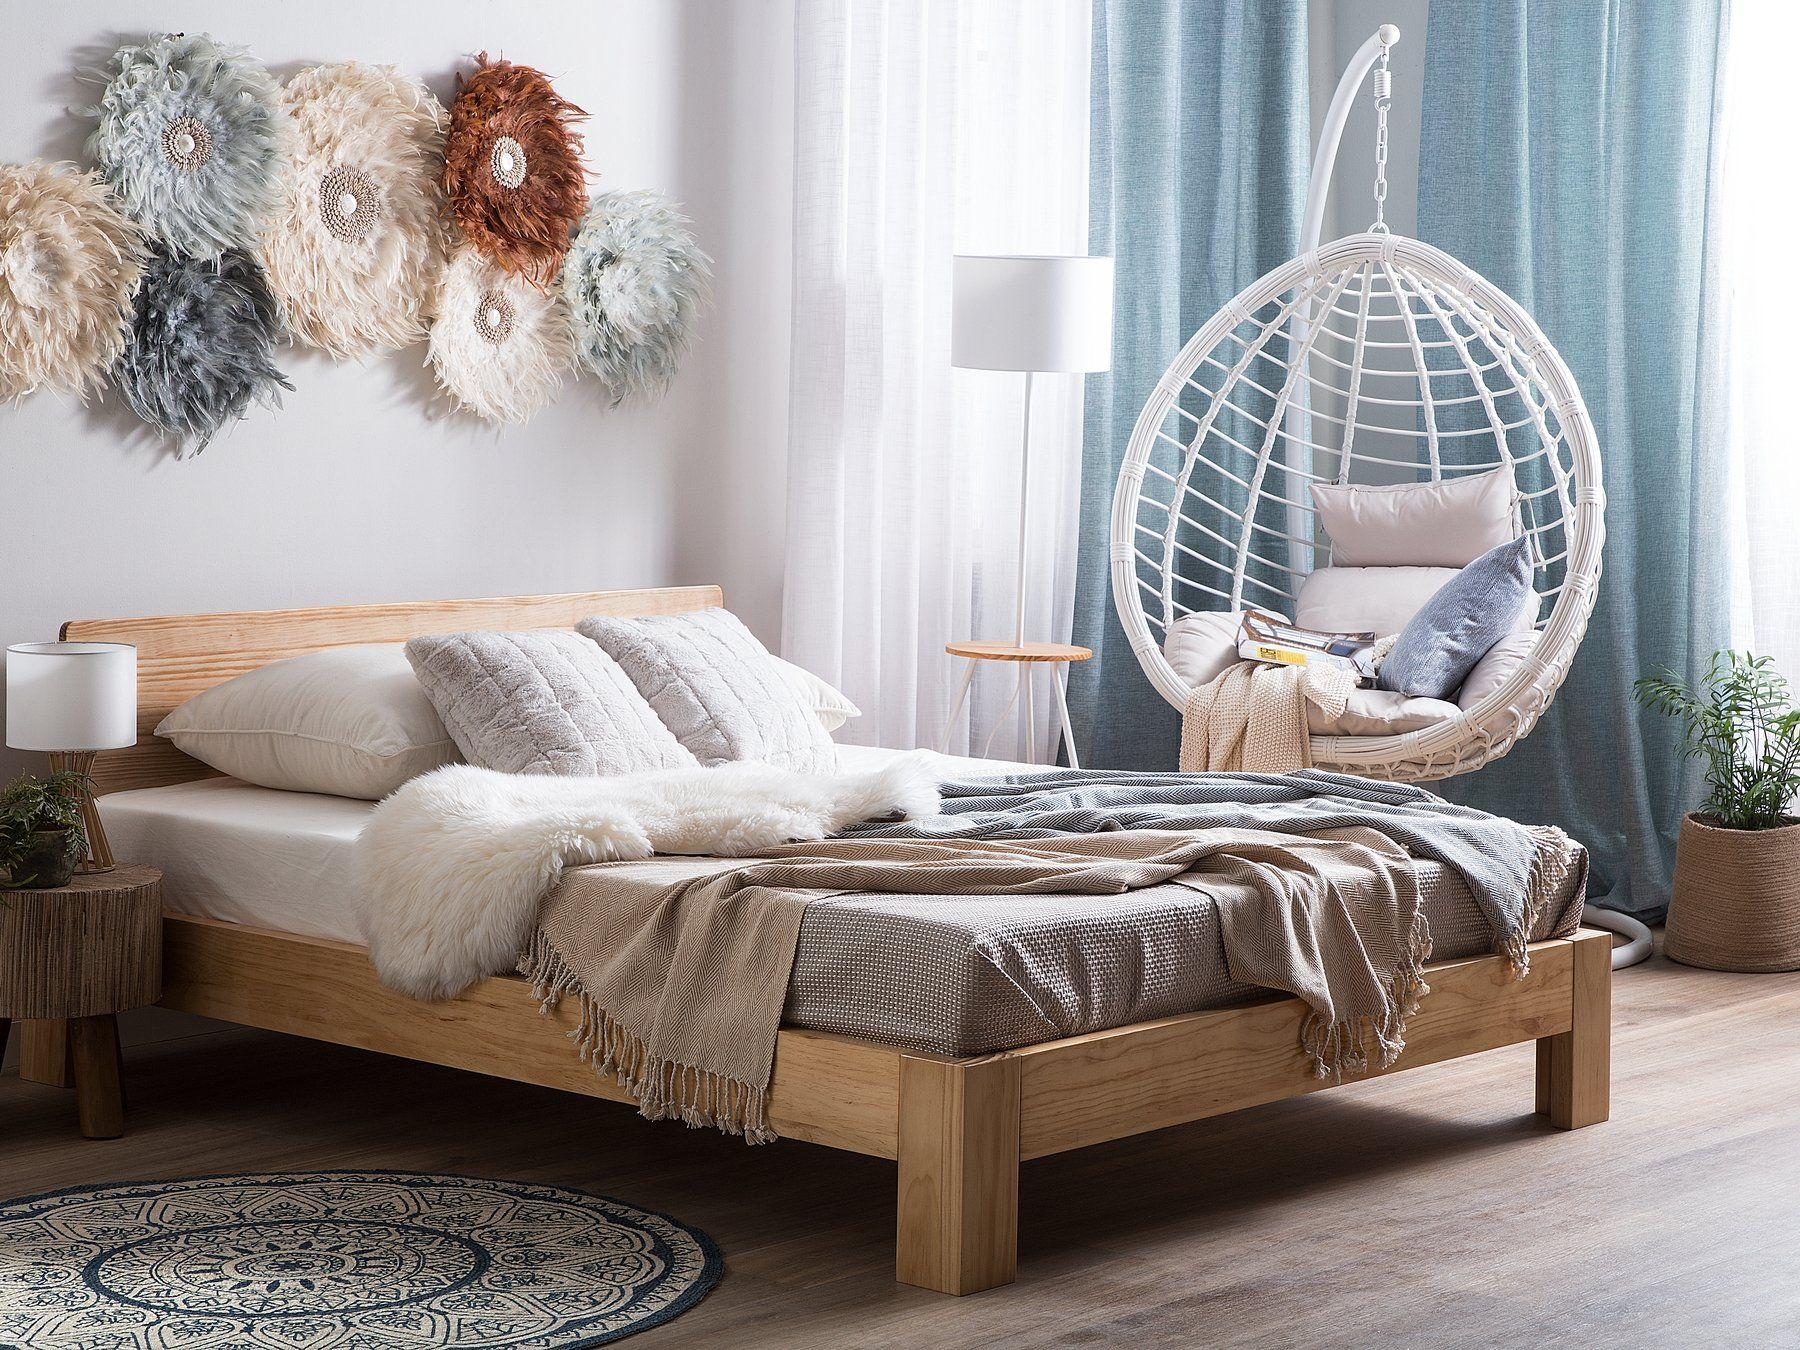 Holzbett Heller Holzfarbton Lattenrost 160 X 200 Cm Royan Bett